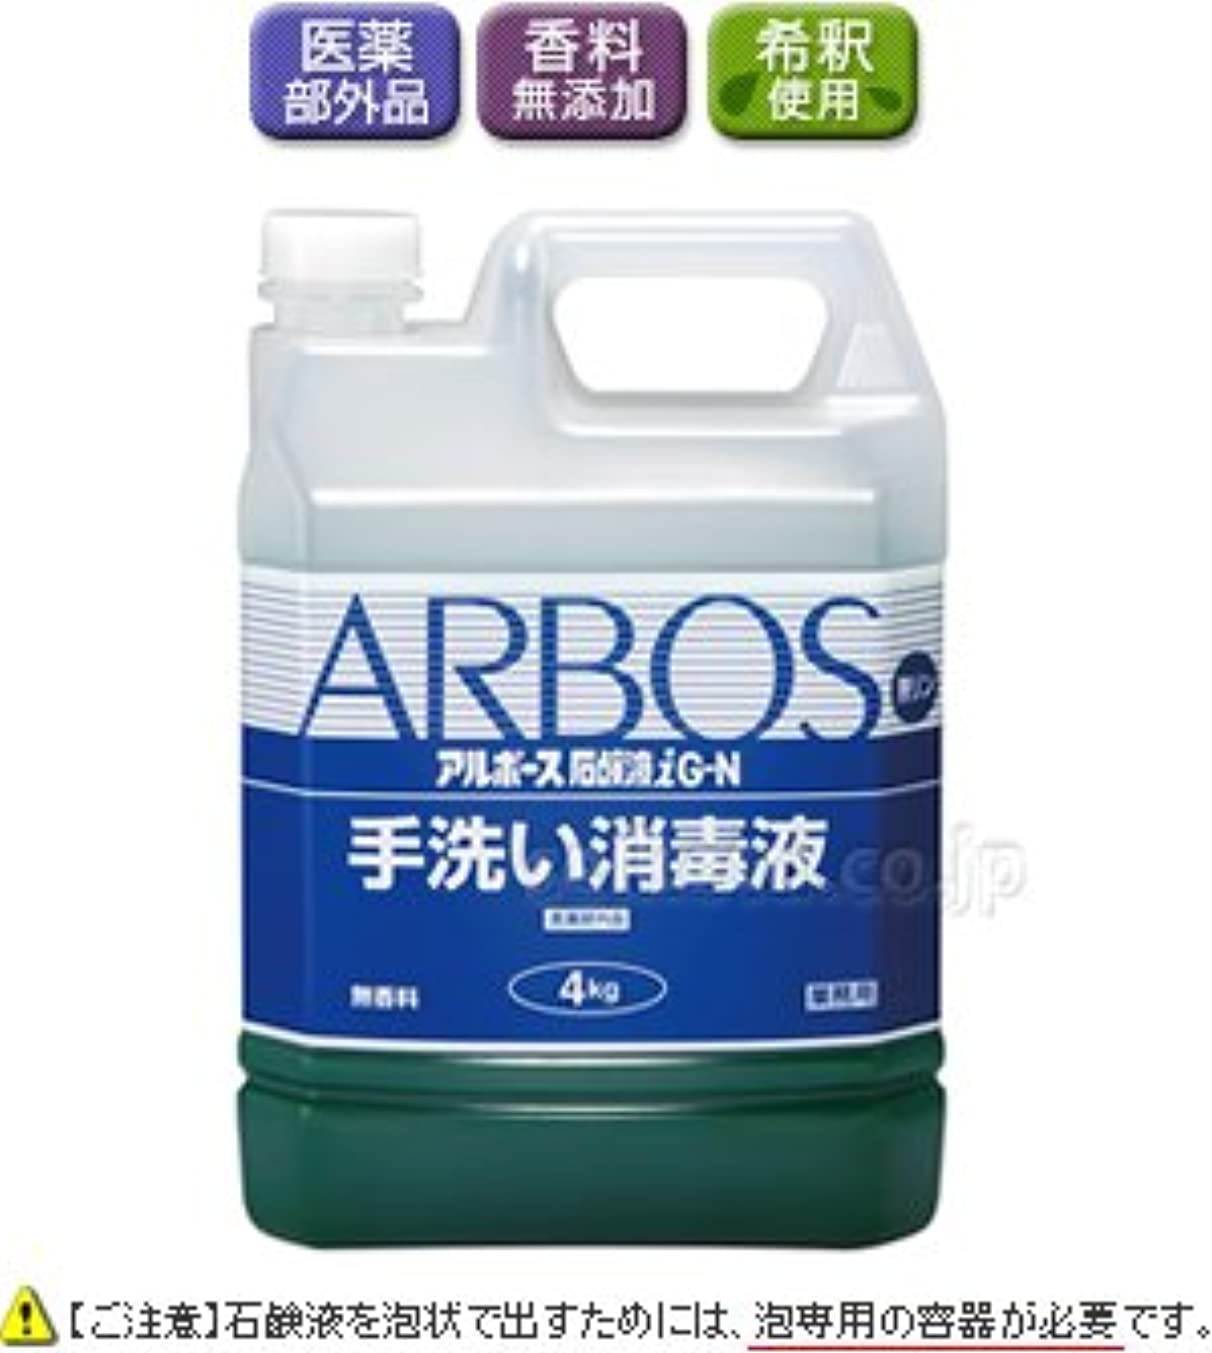 心から認証インストール【清潔キレイ館】アルボース石鹸液iG-N お得な4kg×4本セット